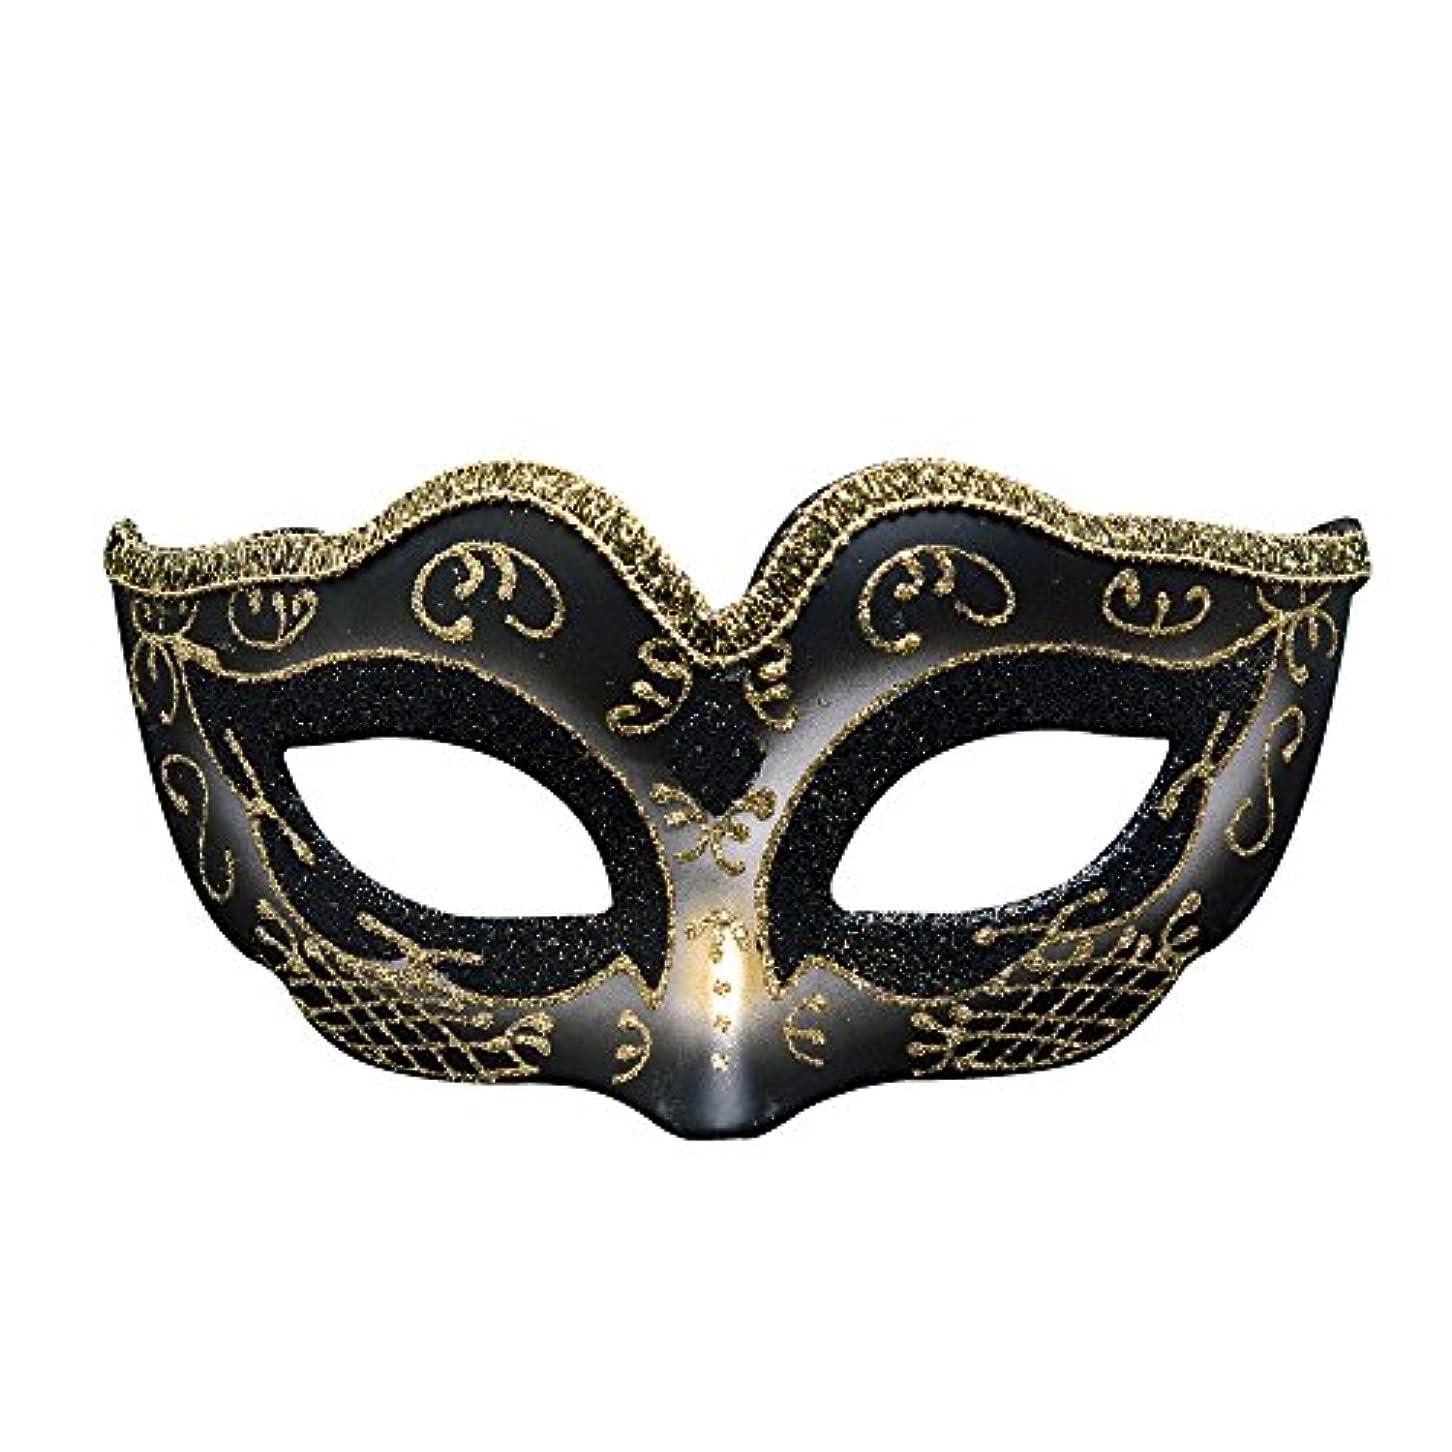 半導体夜明けにスラダムクリエイティブカスタム子供のなりすましパーティーハロウィーンマスククリスマス雰囲気マスク (Color : D)